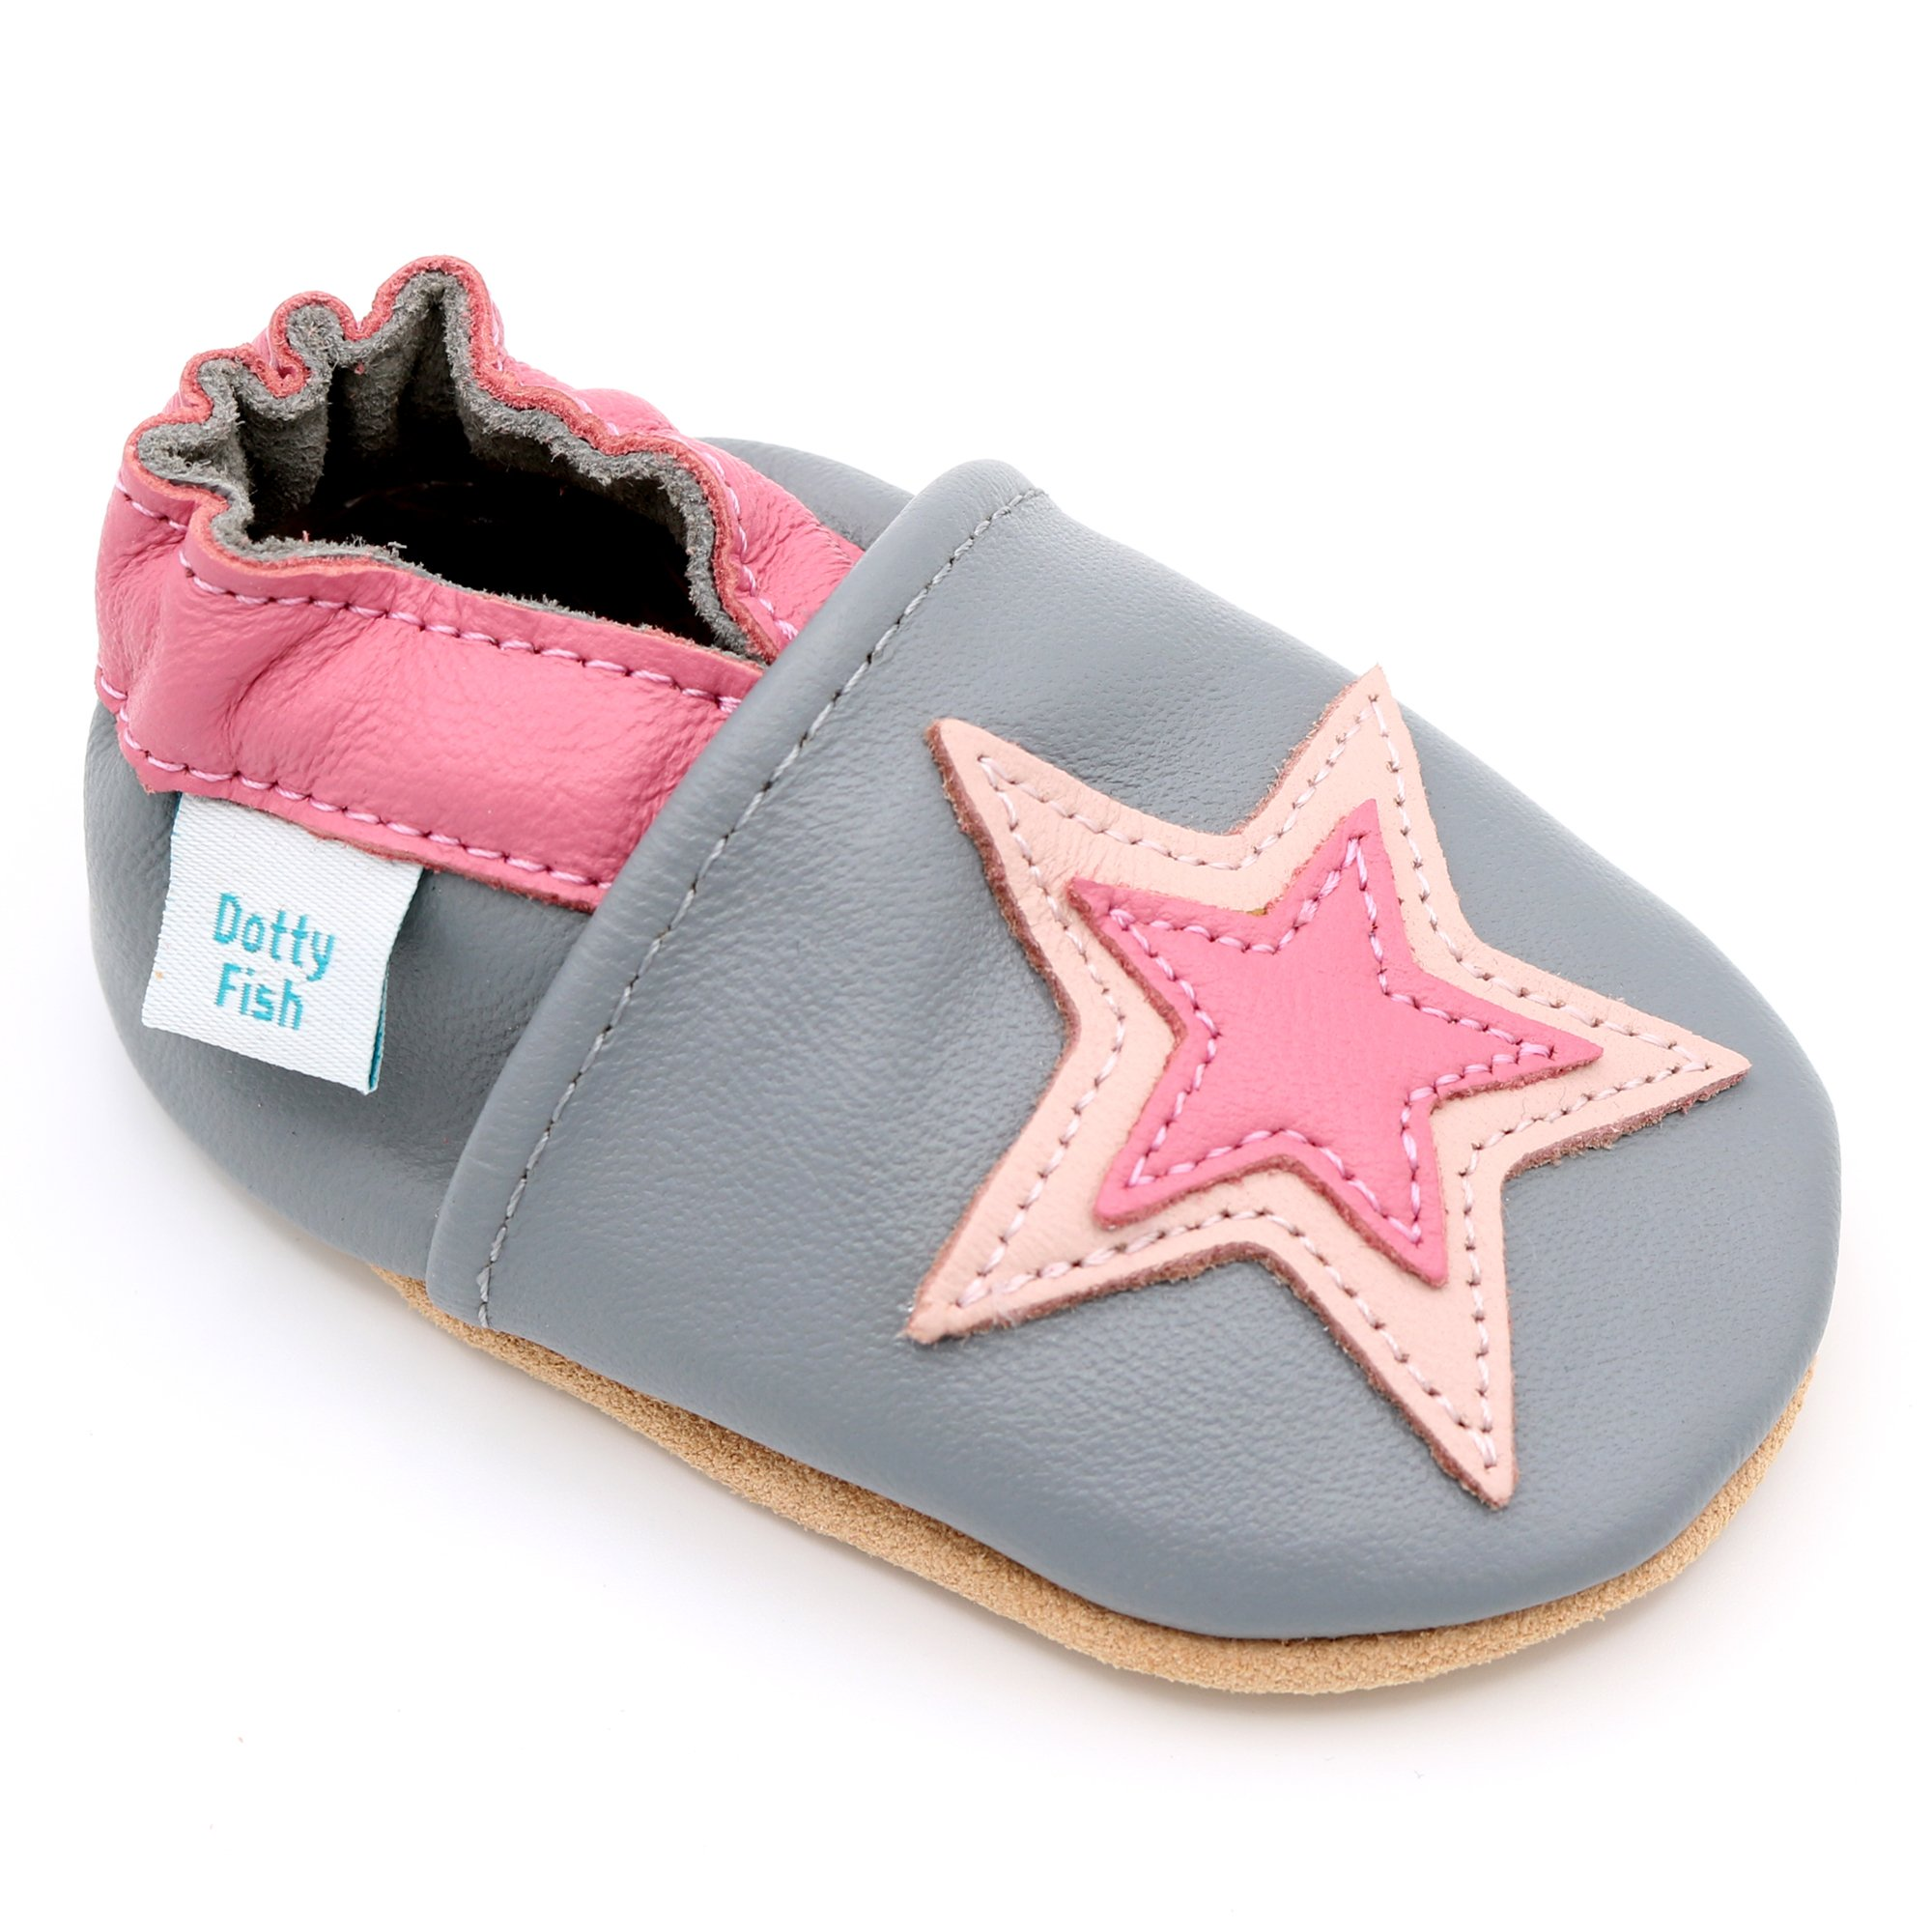 07b743e1c5e66 Dotty Fish Chaussures Cuir Souple bébé et Bambin. 0-6 Mois - 4-